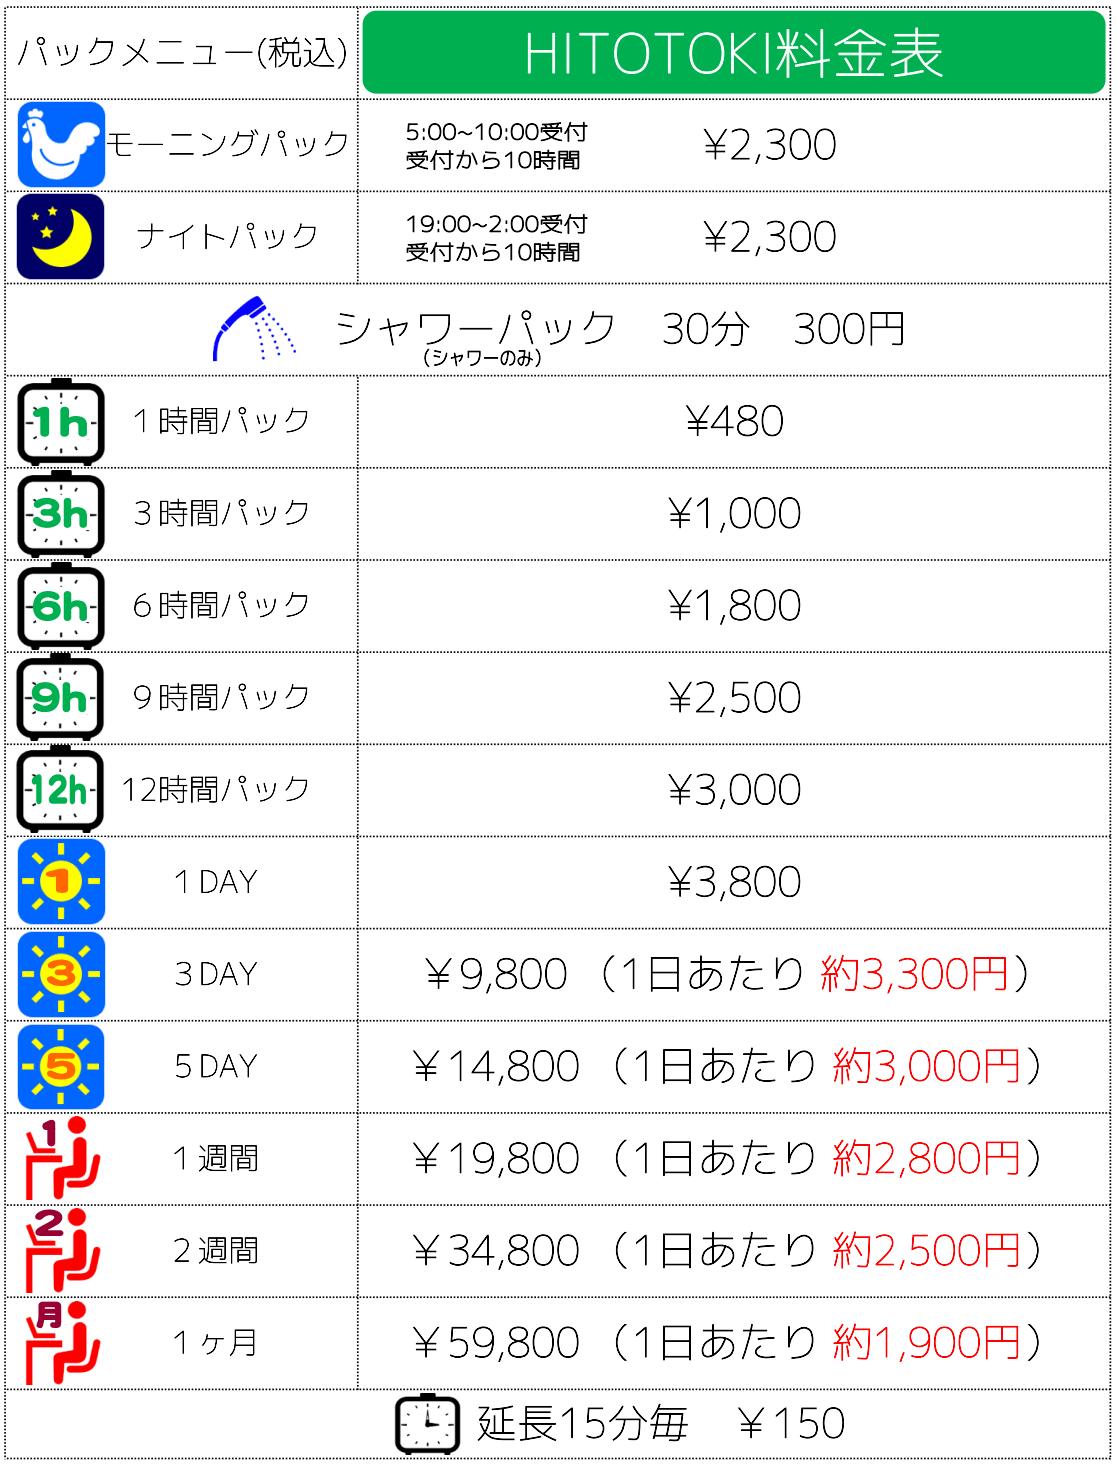 静岡駅近くのビジネスホテルやネットカフェより格安なHITOTOKI料金表